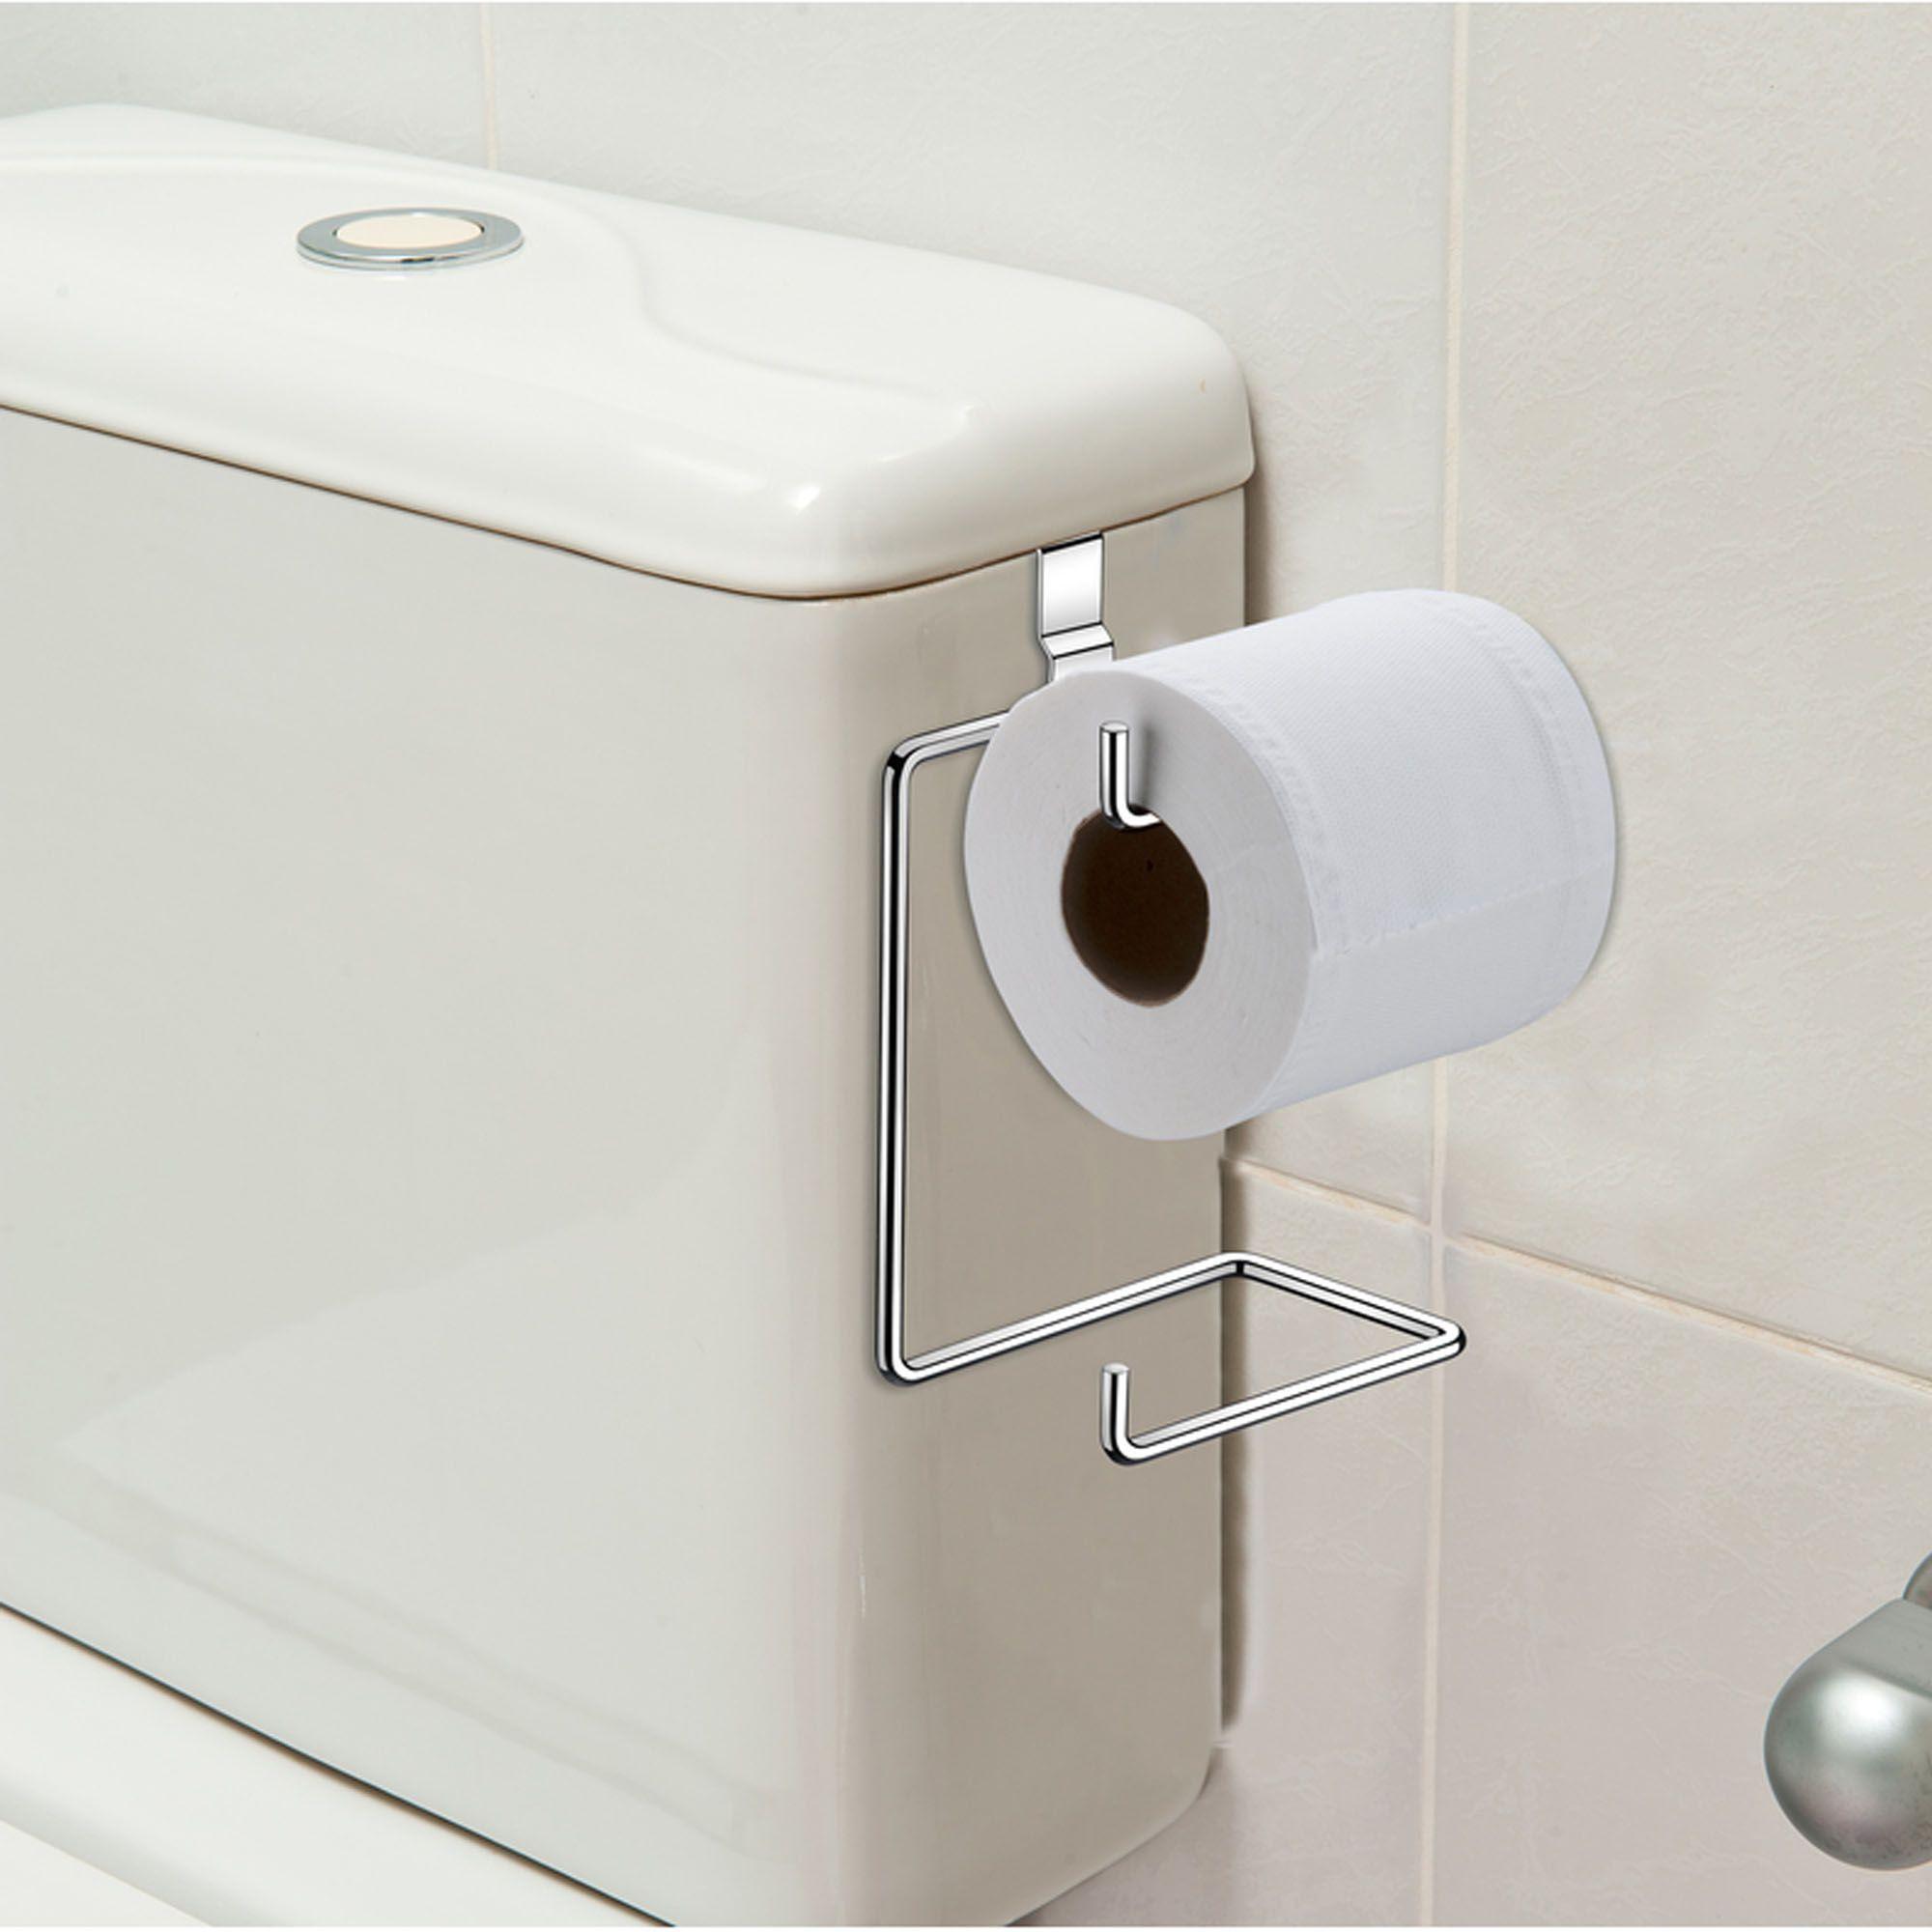 Suporte Duplo de Papel Higiênico para Caixa Acoplada - FUTURE